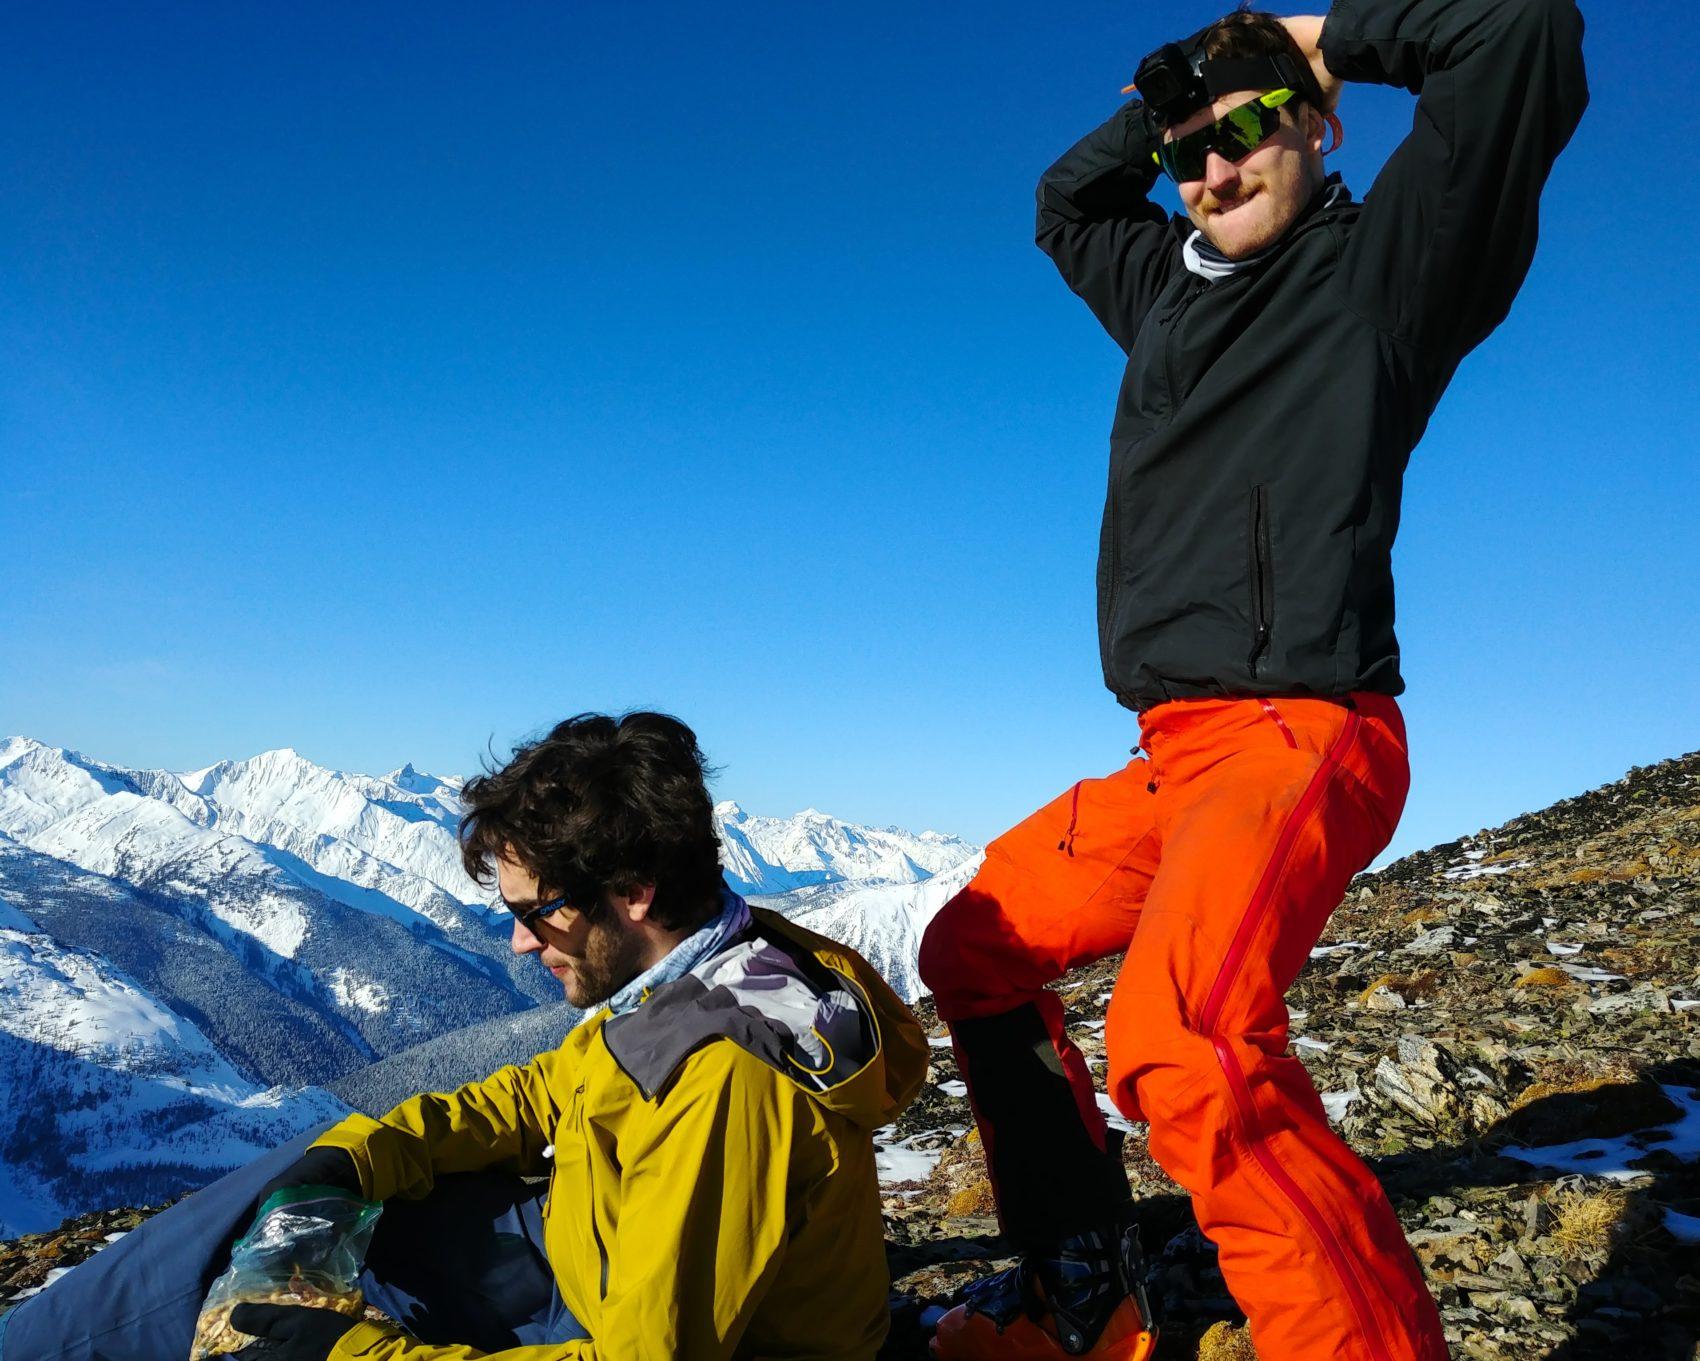 skier teasing snowboarder